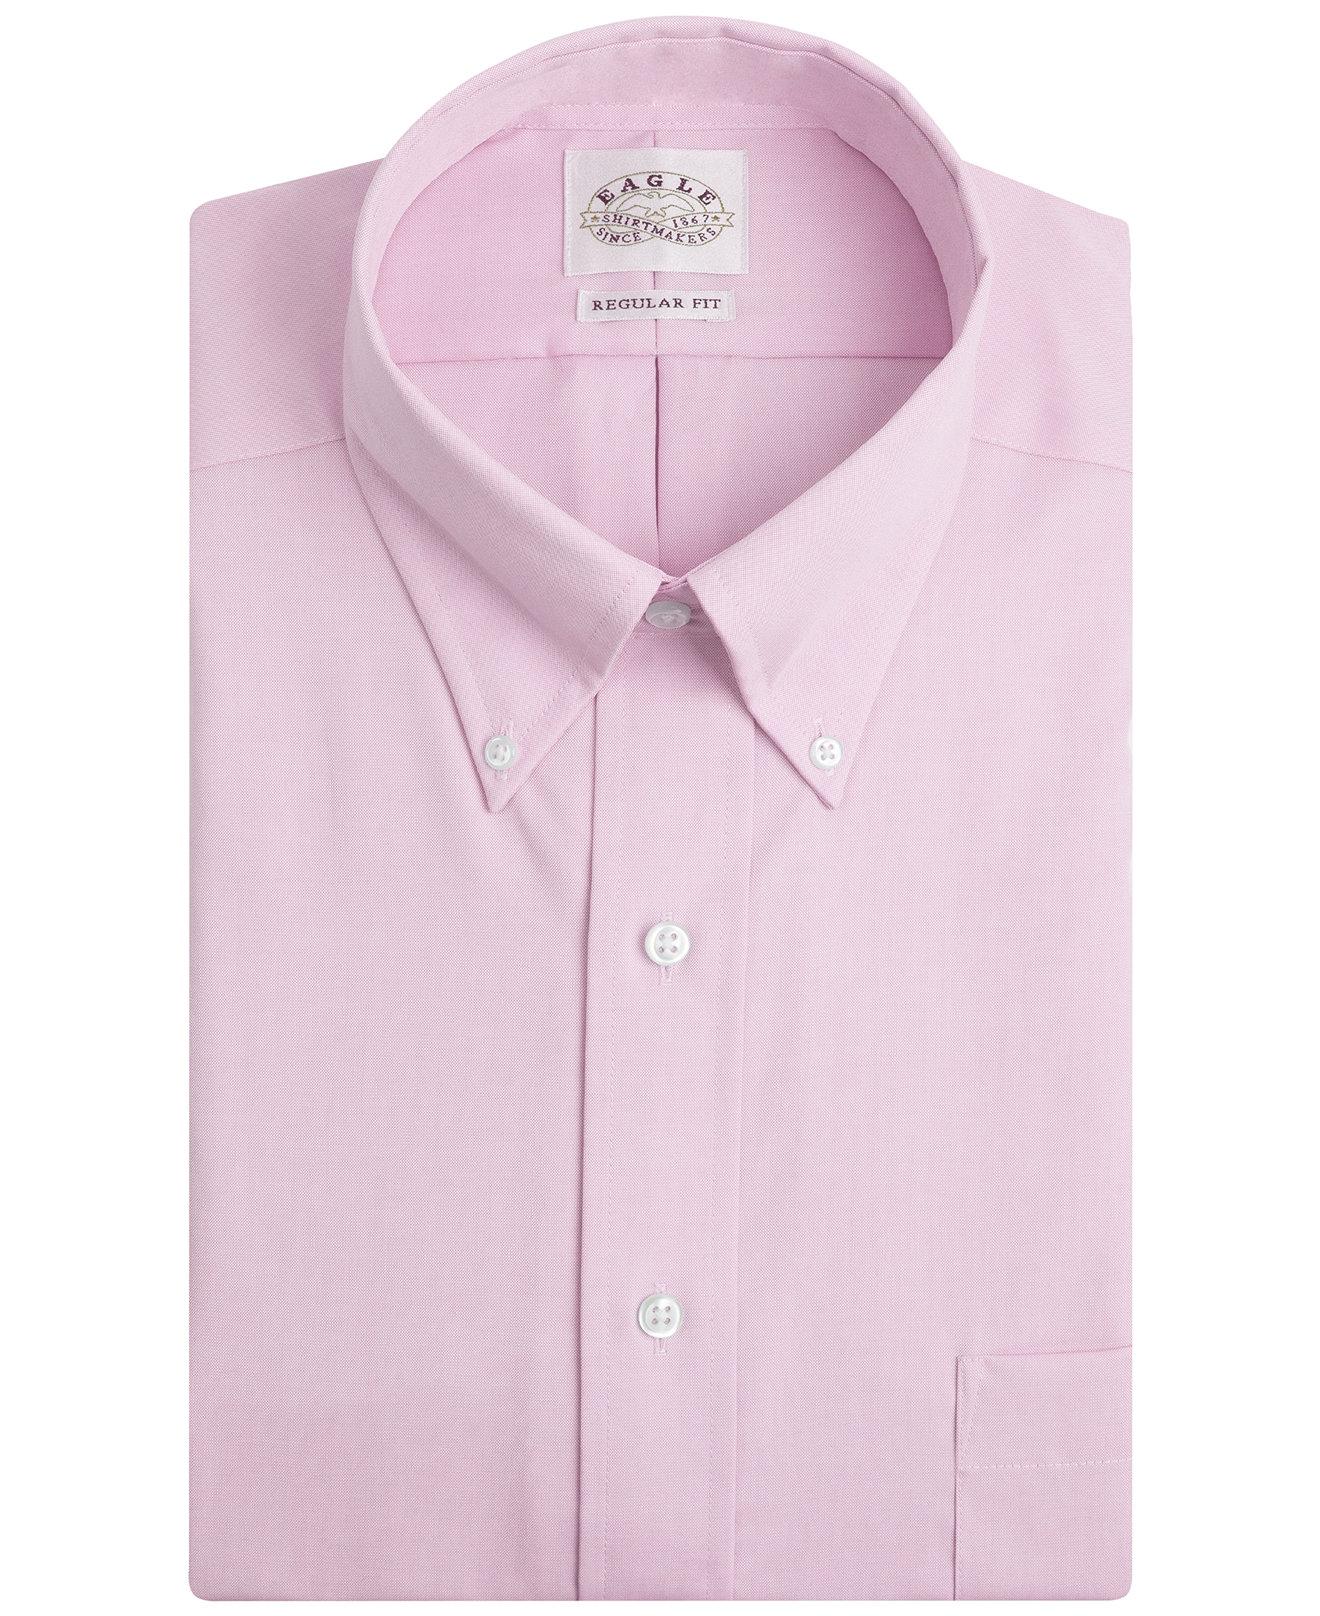 Mens Pink Dress Shirt